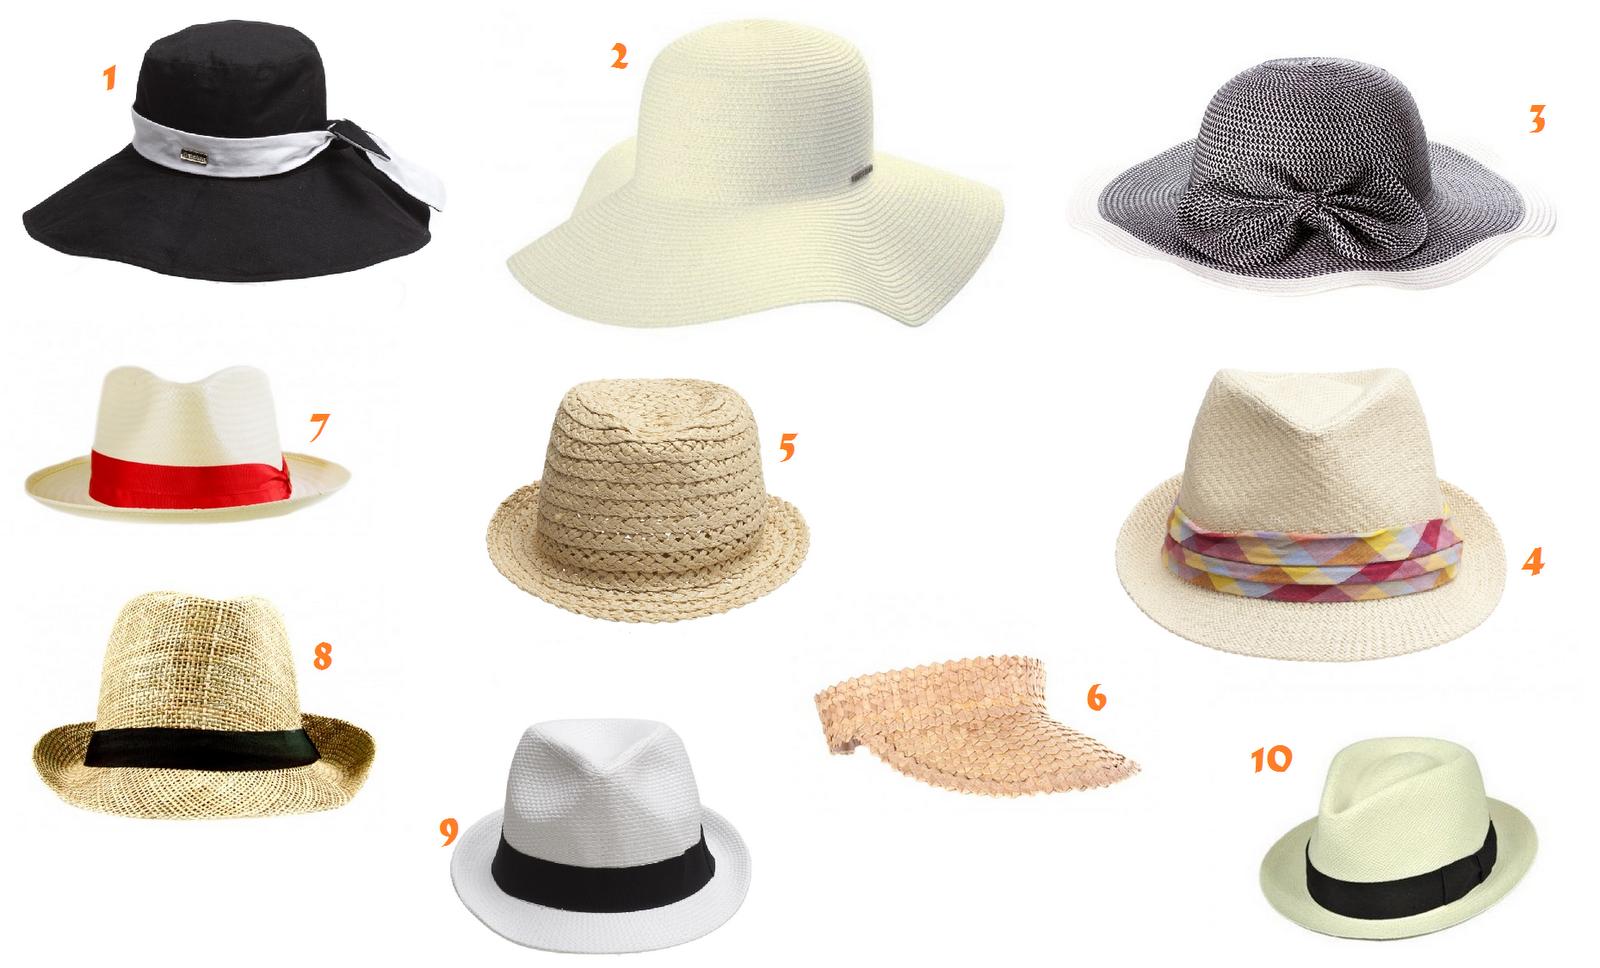 Modelos de chapéu para arrasar no verão 6c86c0b723c